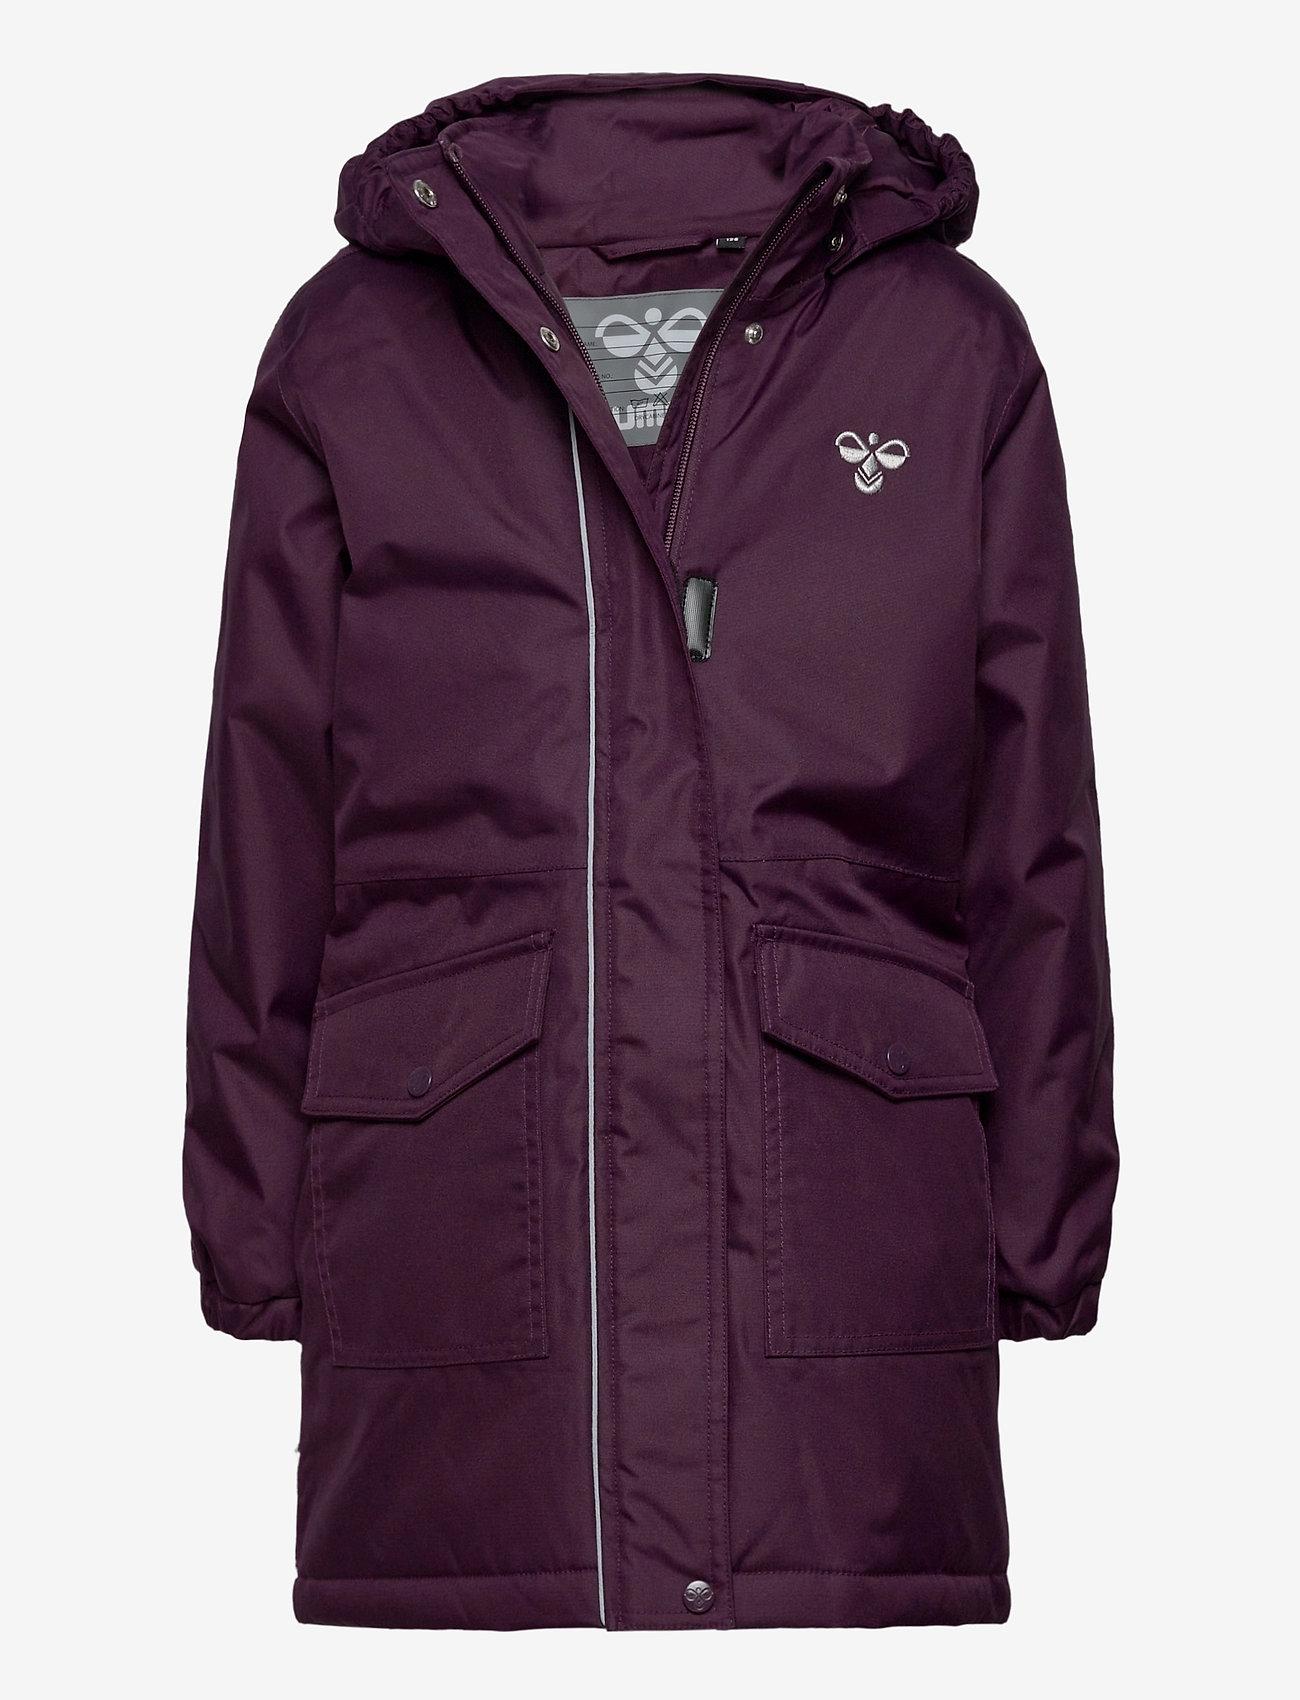 Hummel - hmlJEANNE COAT - ski jackets - blackberry wine - 0